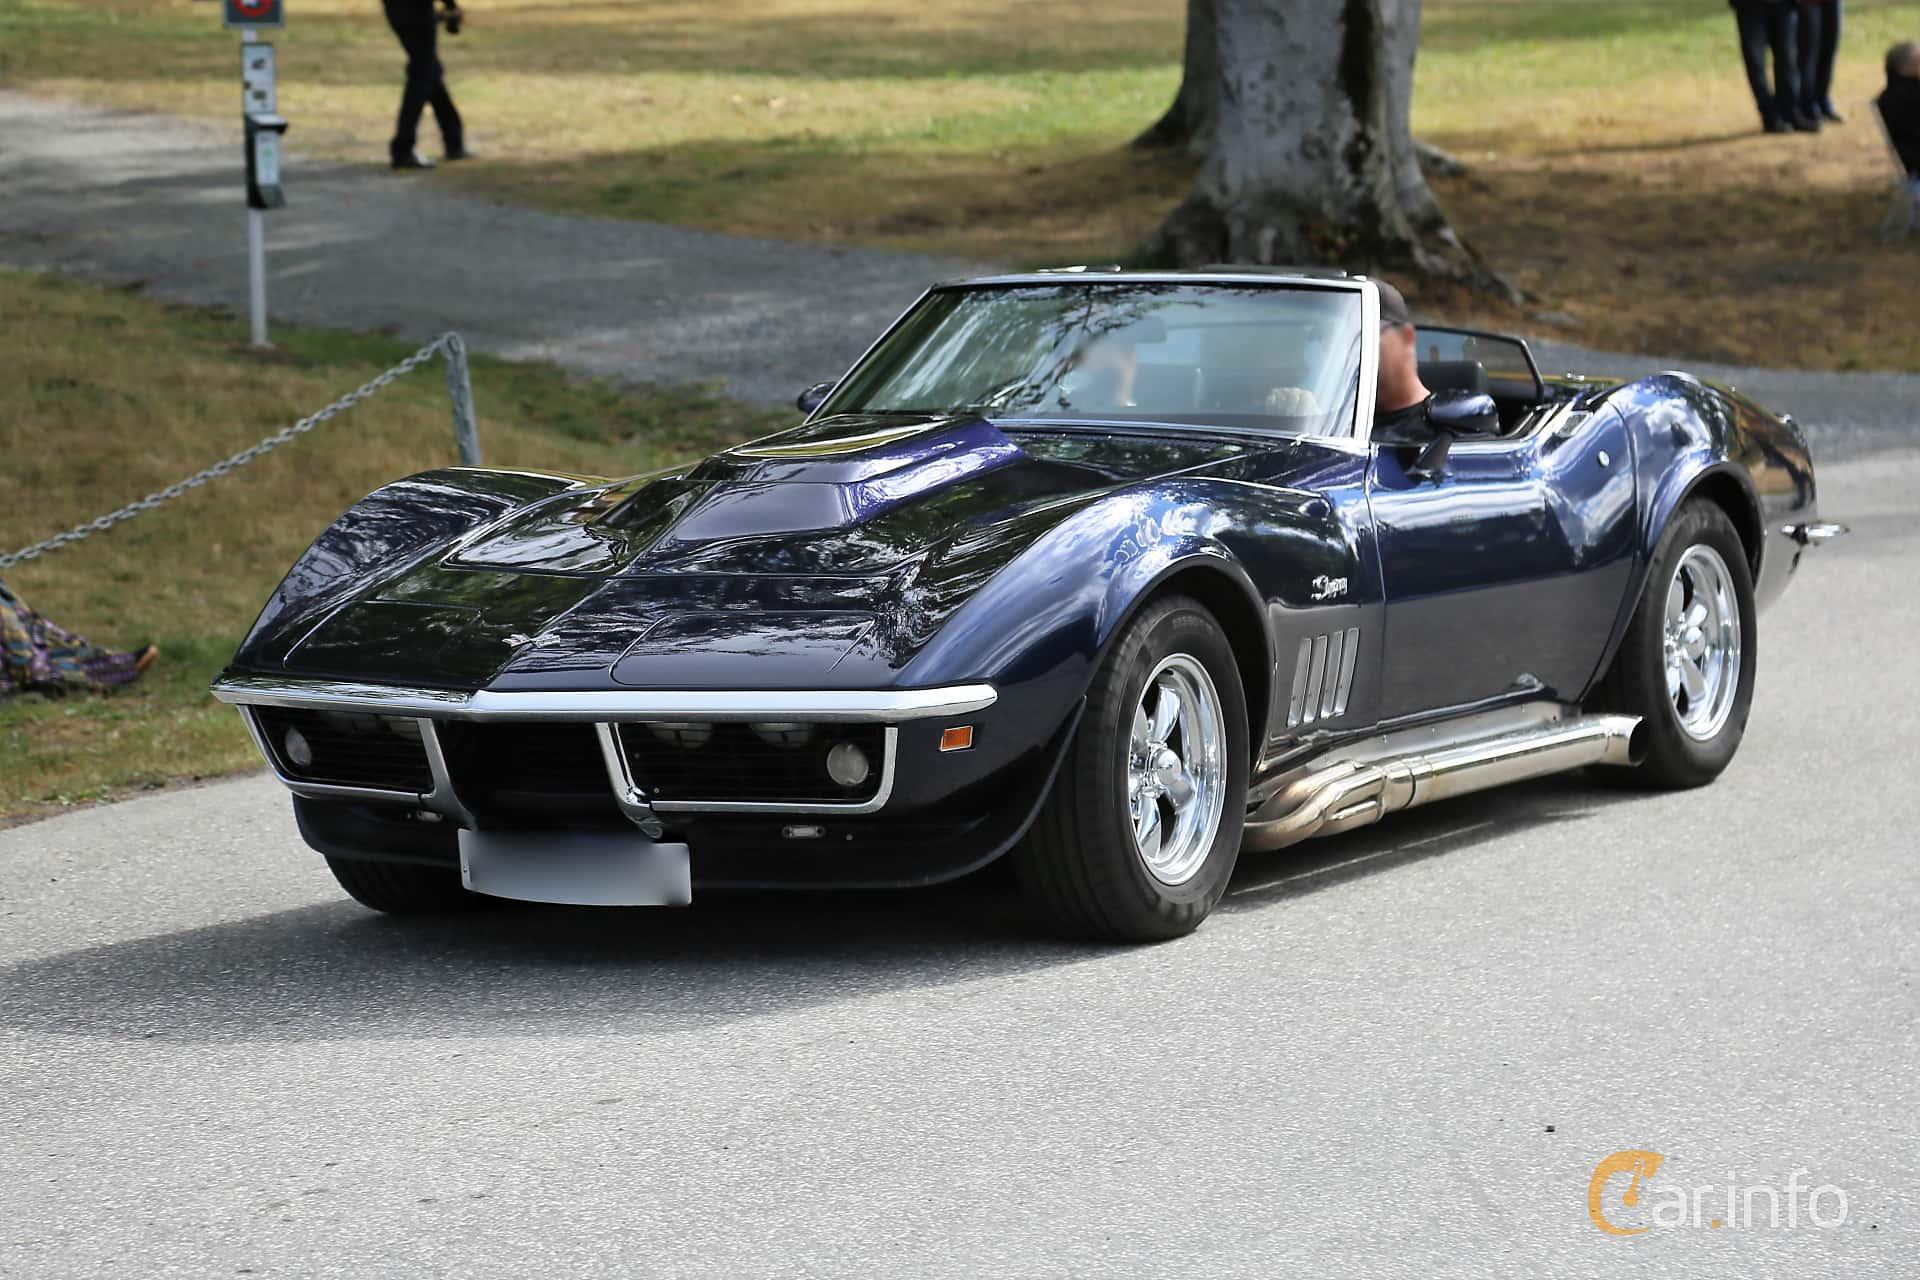 Kelebihan Kekurangan Chevrolet Corvette 1969 Perbandingan Harga